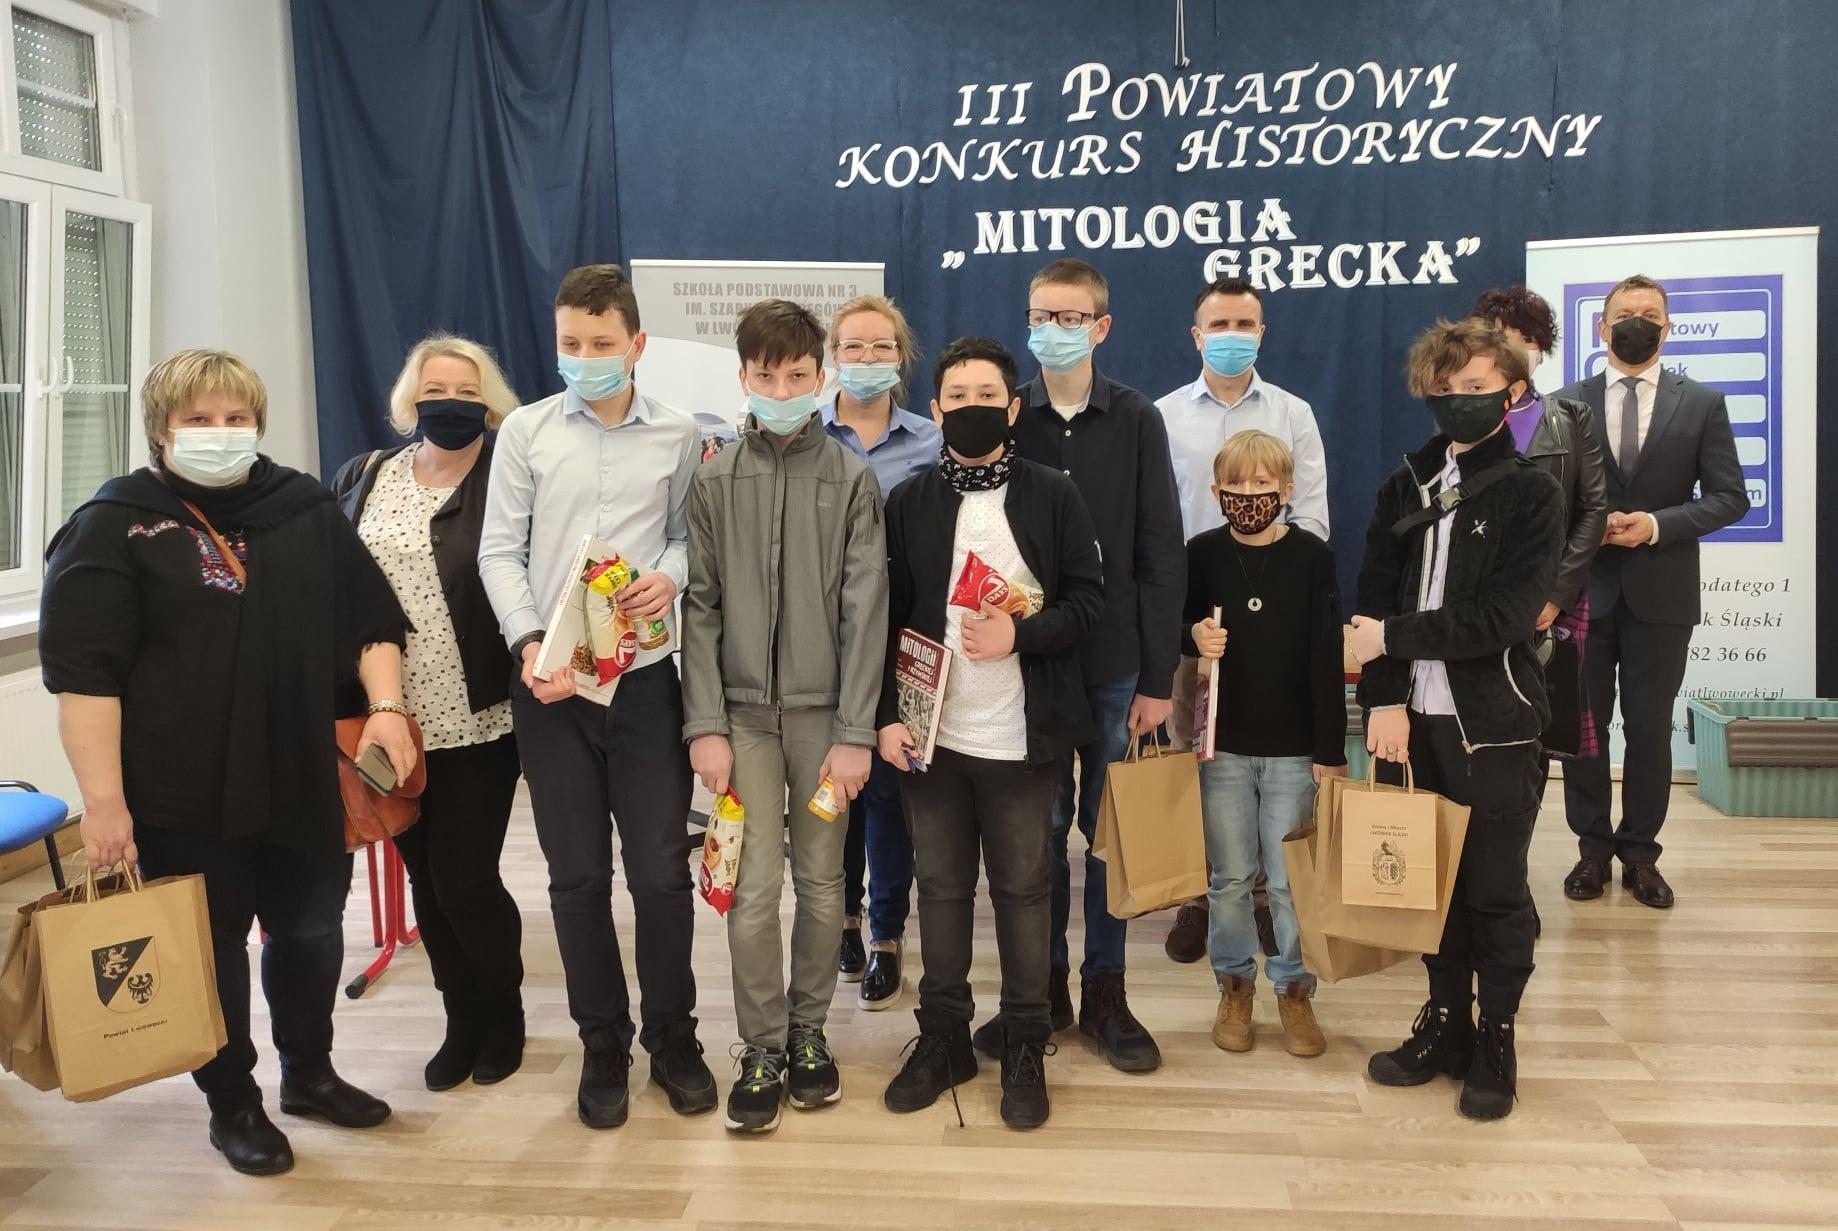 Zdjęcie grupowe finalistów konkursu oraz organizatorów. Na zdjęcu m.in Starosta Lwówecki Daniel Kokko